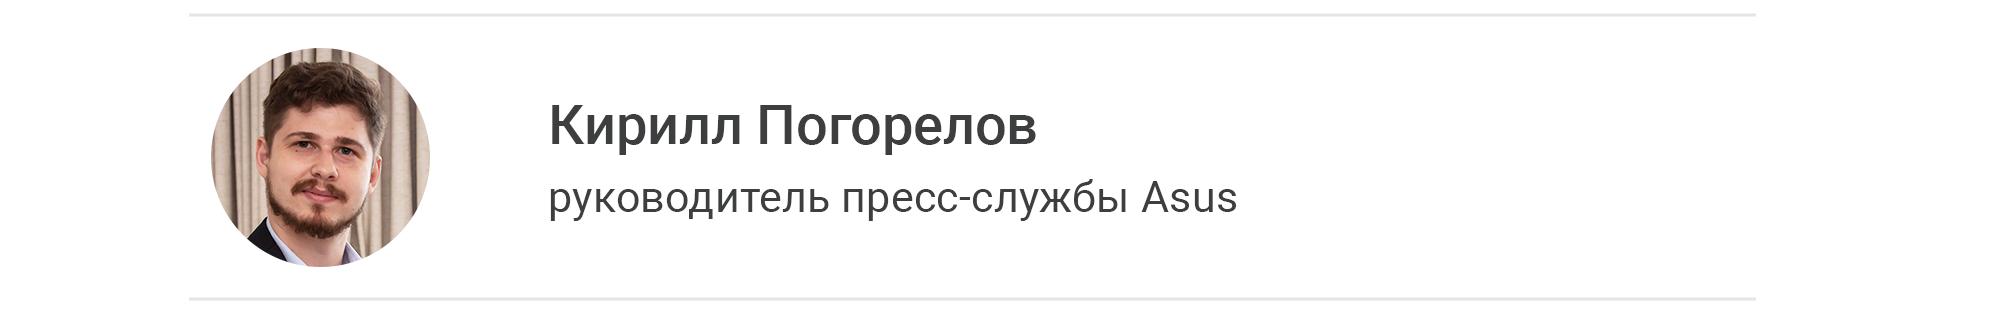 Кирилл Погорелов (1).png